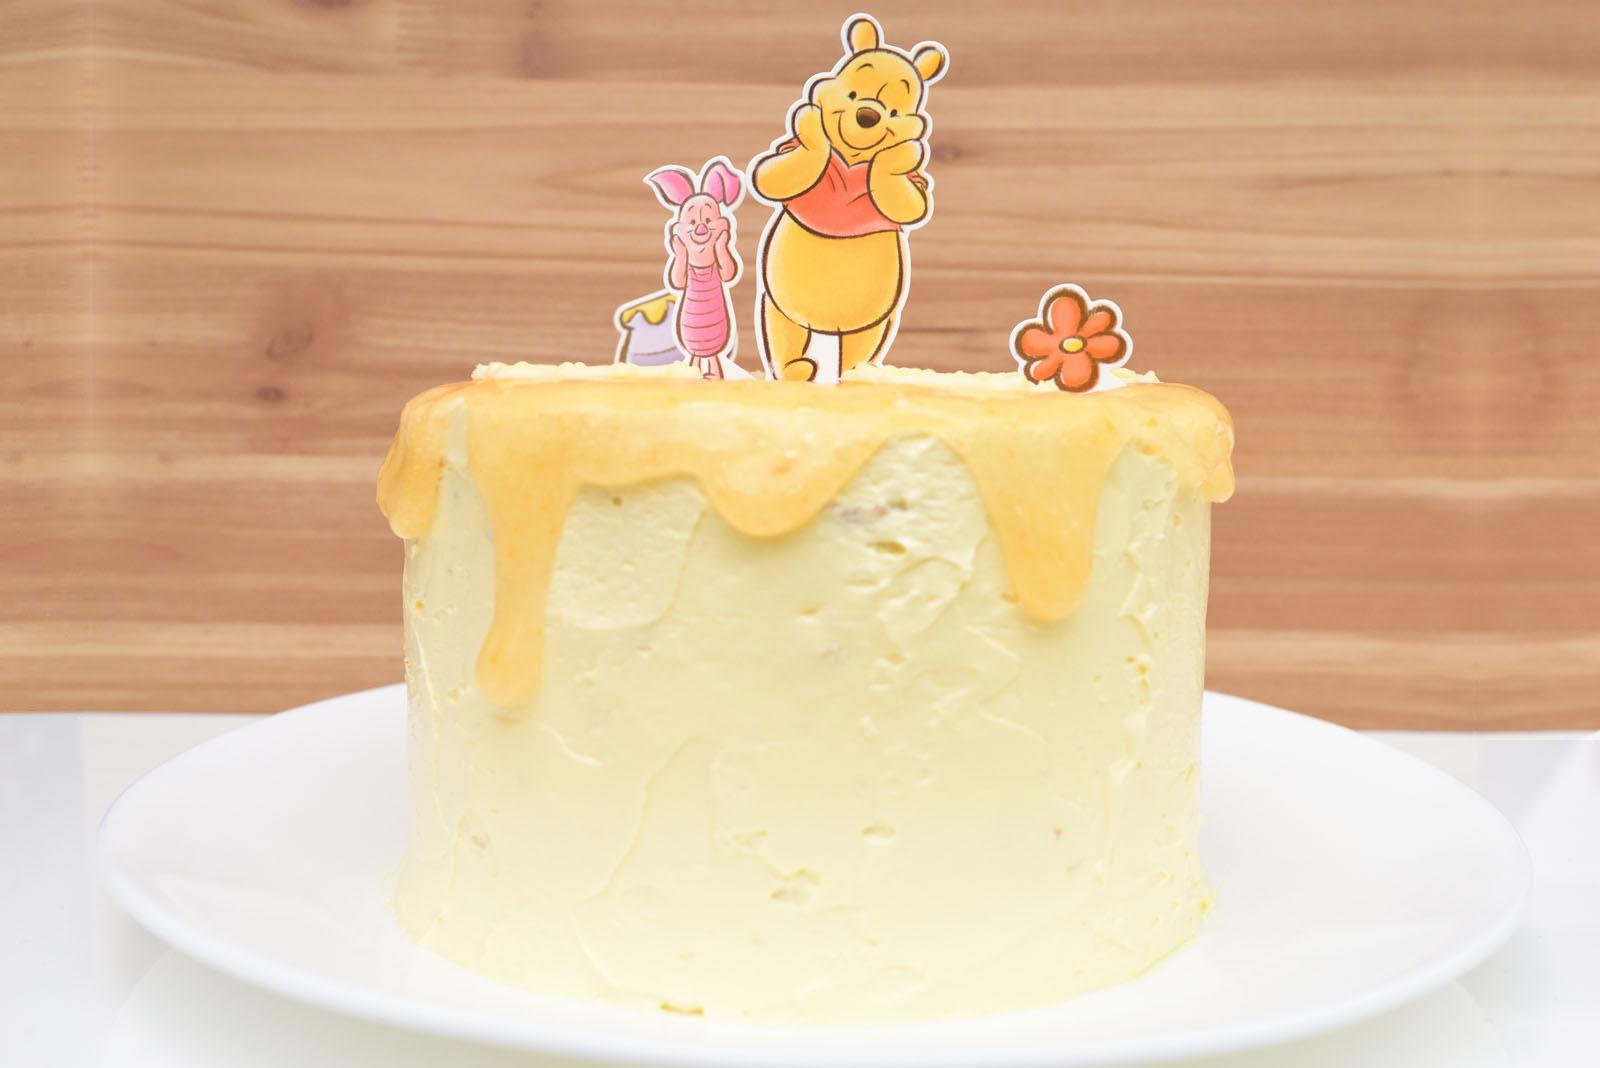 ABCクッキングスタジオ Disneyスイーツオンラインレッスン くまのプーさんとピグレット/はちみつケーキ